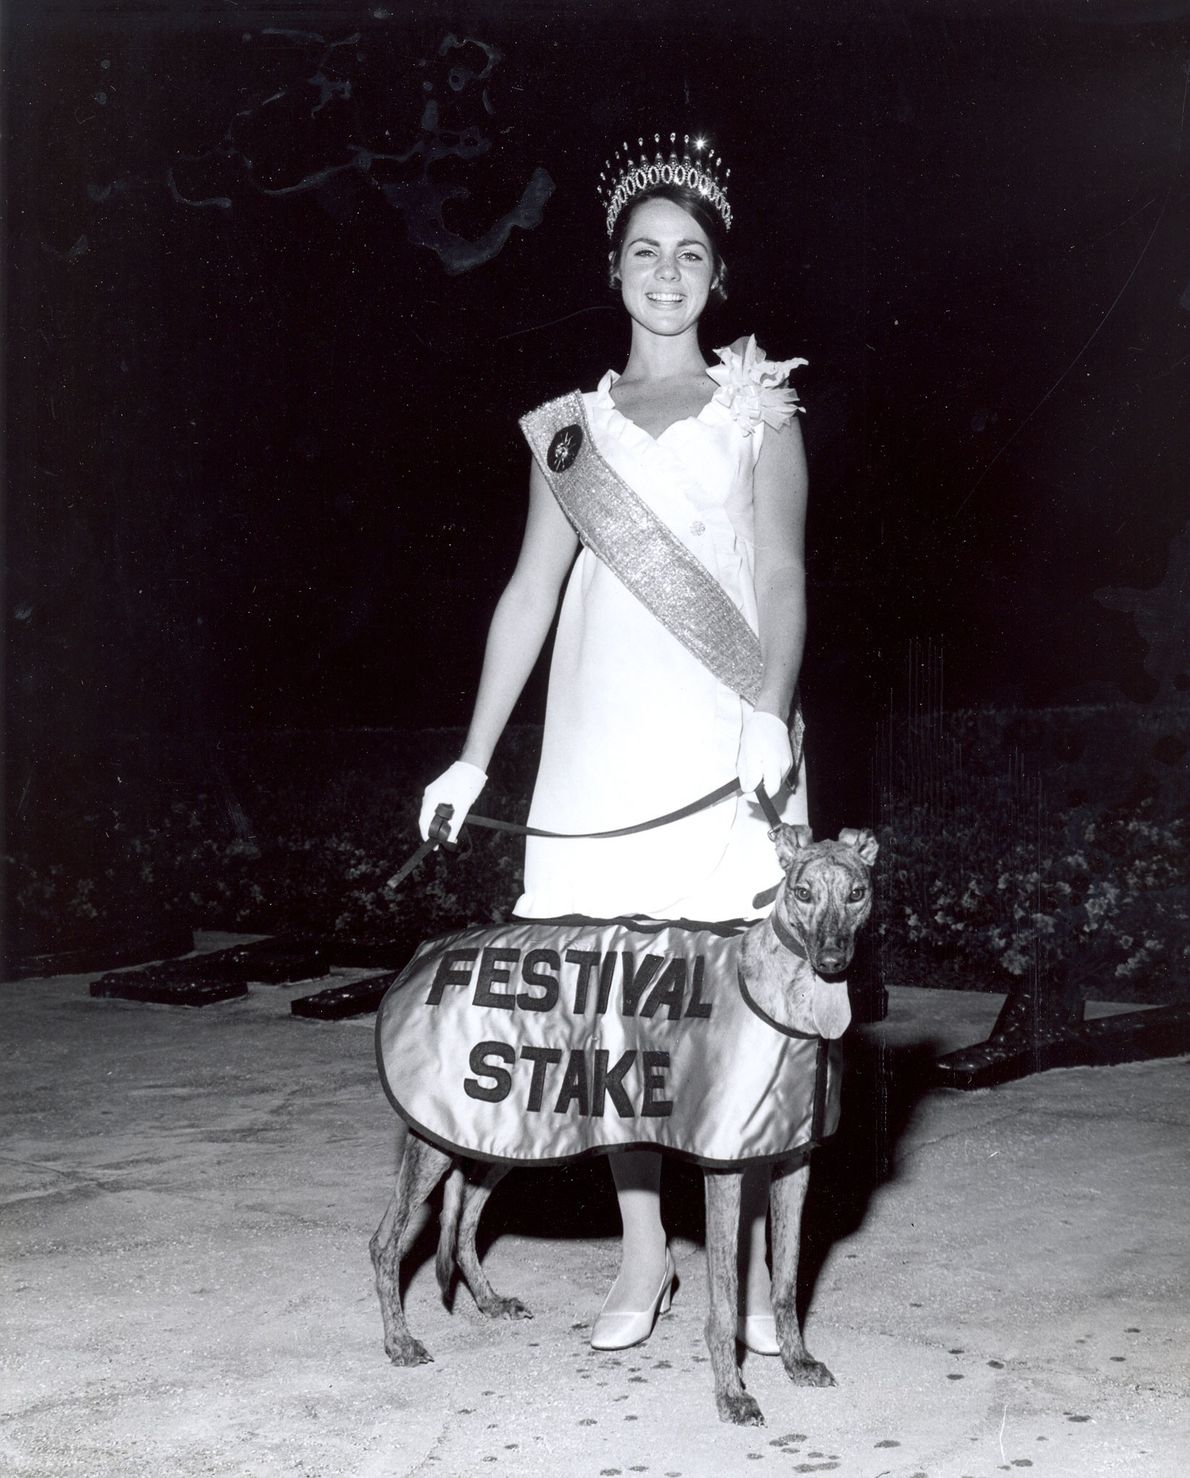 """Kitty Wilkerson, die """"Sonnengöttin"""" des Festival of States 1969, posiert zusammen mit L.B.'s Dallas, dem Gewinner ..."""